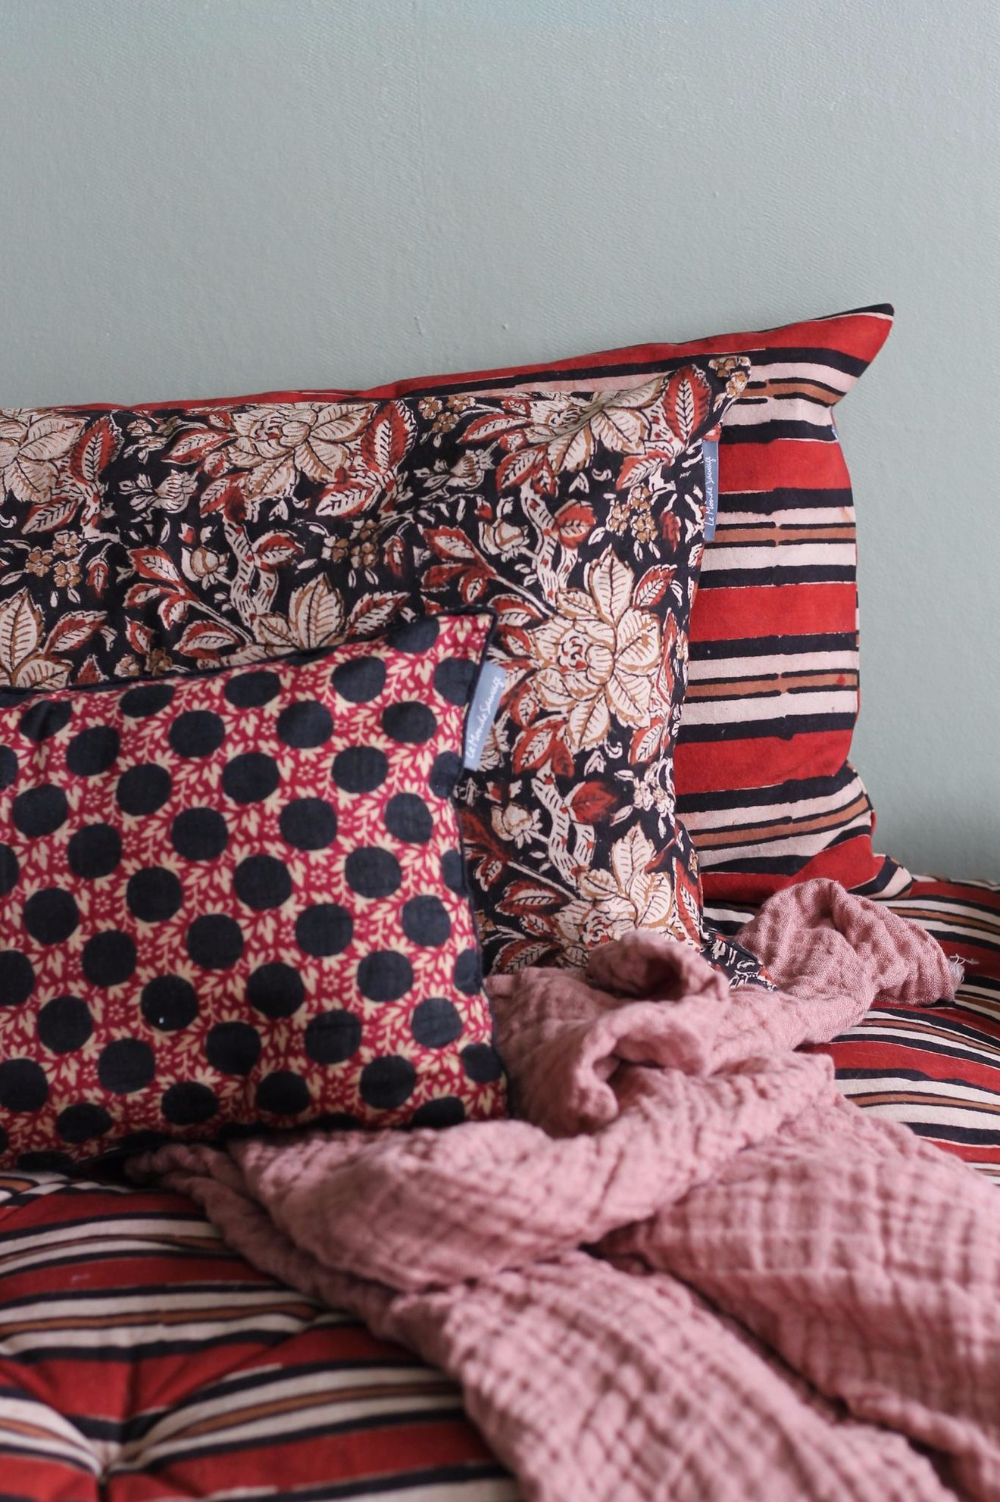 Déco avec motifs : les imprimés tendance sur textile, papier peint, vaisselle